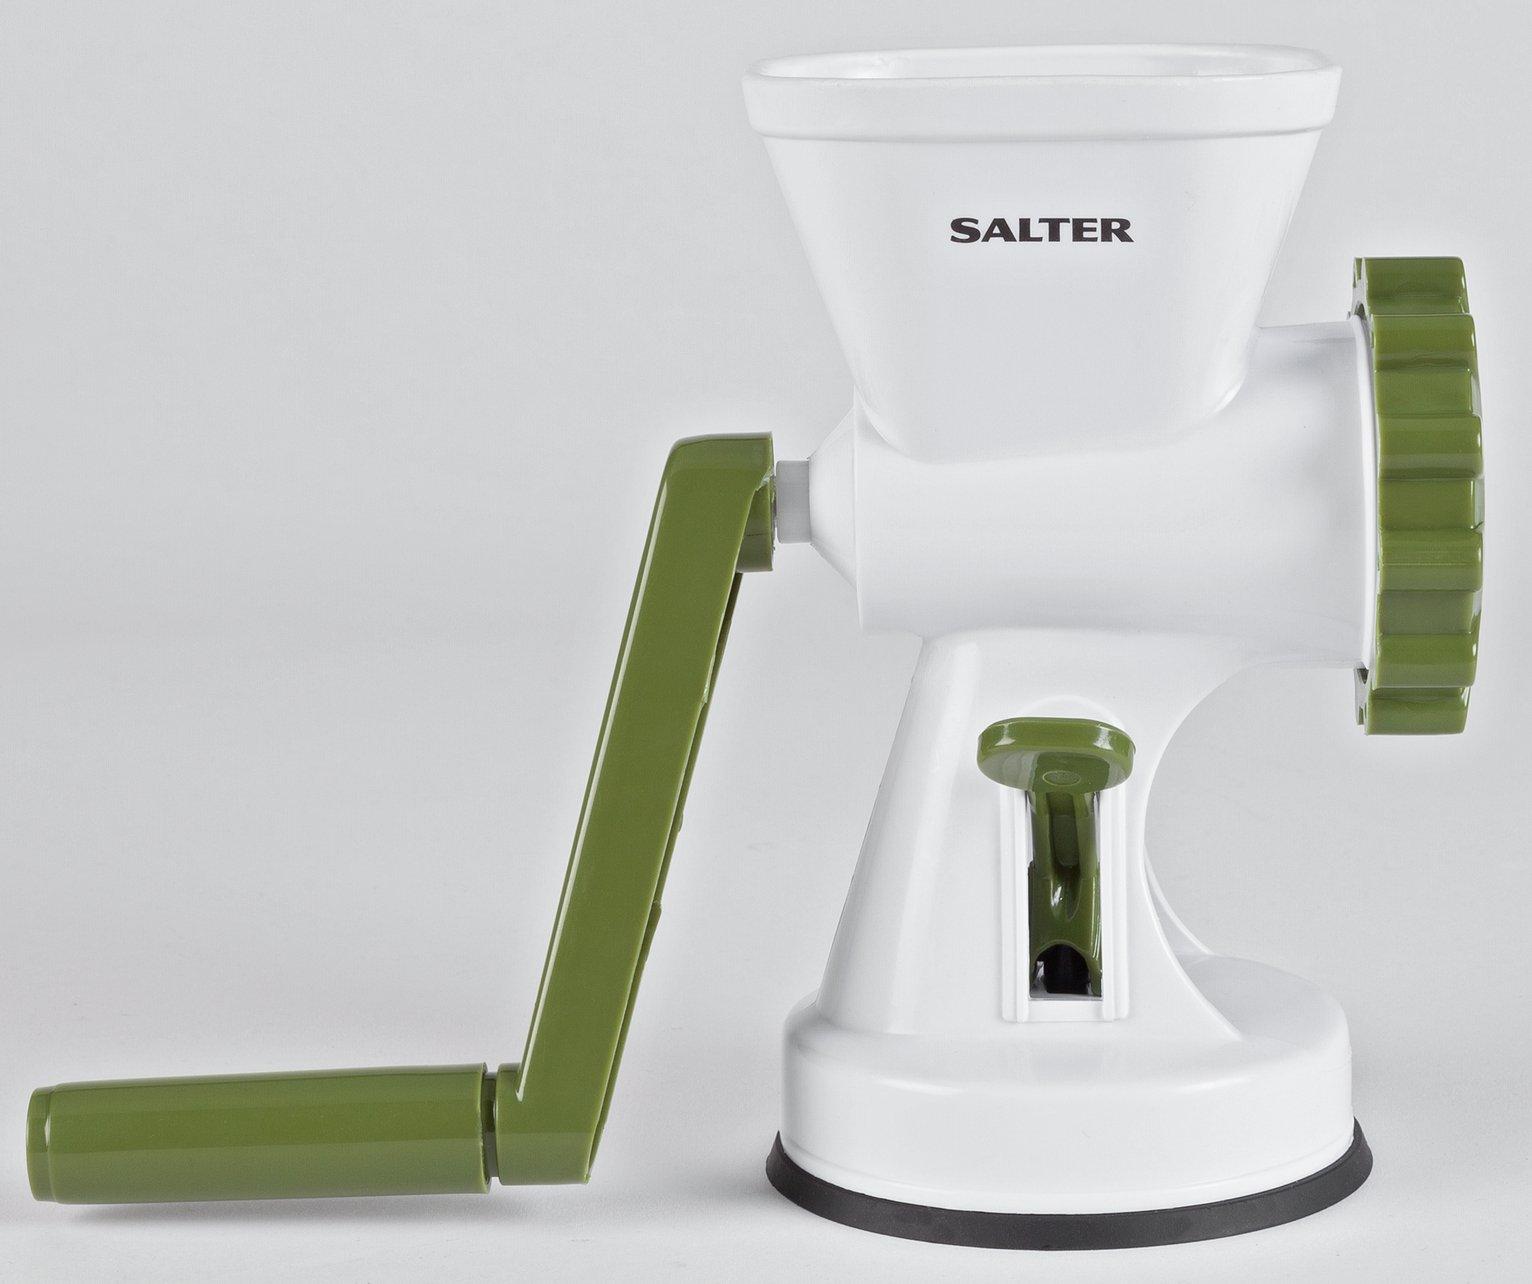 Salter Plastic Meat Mincer